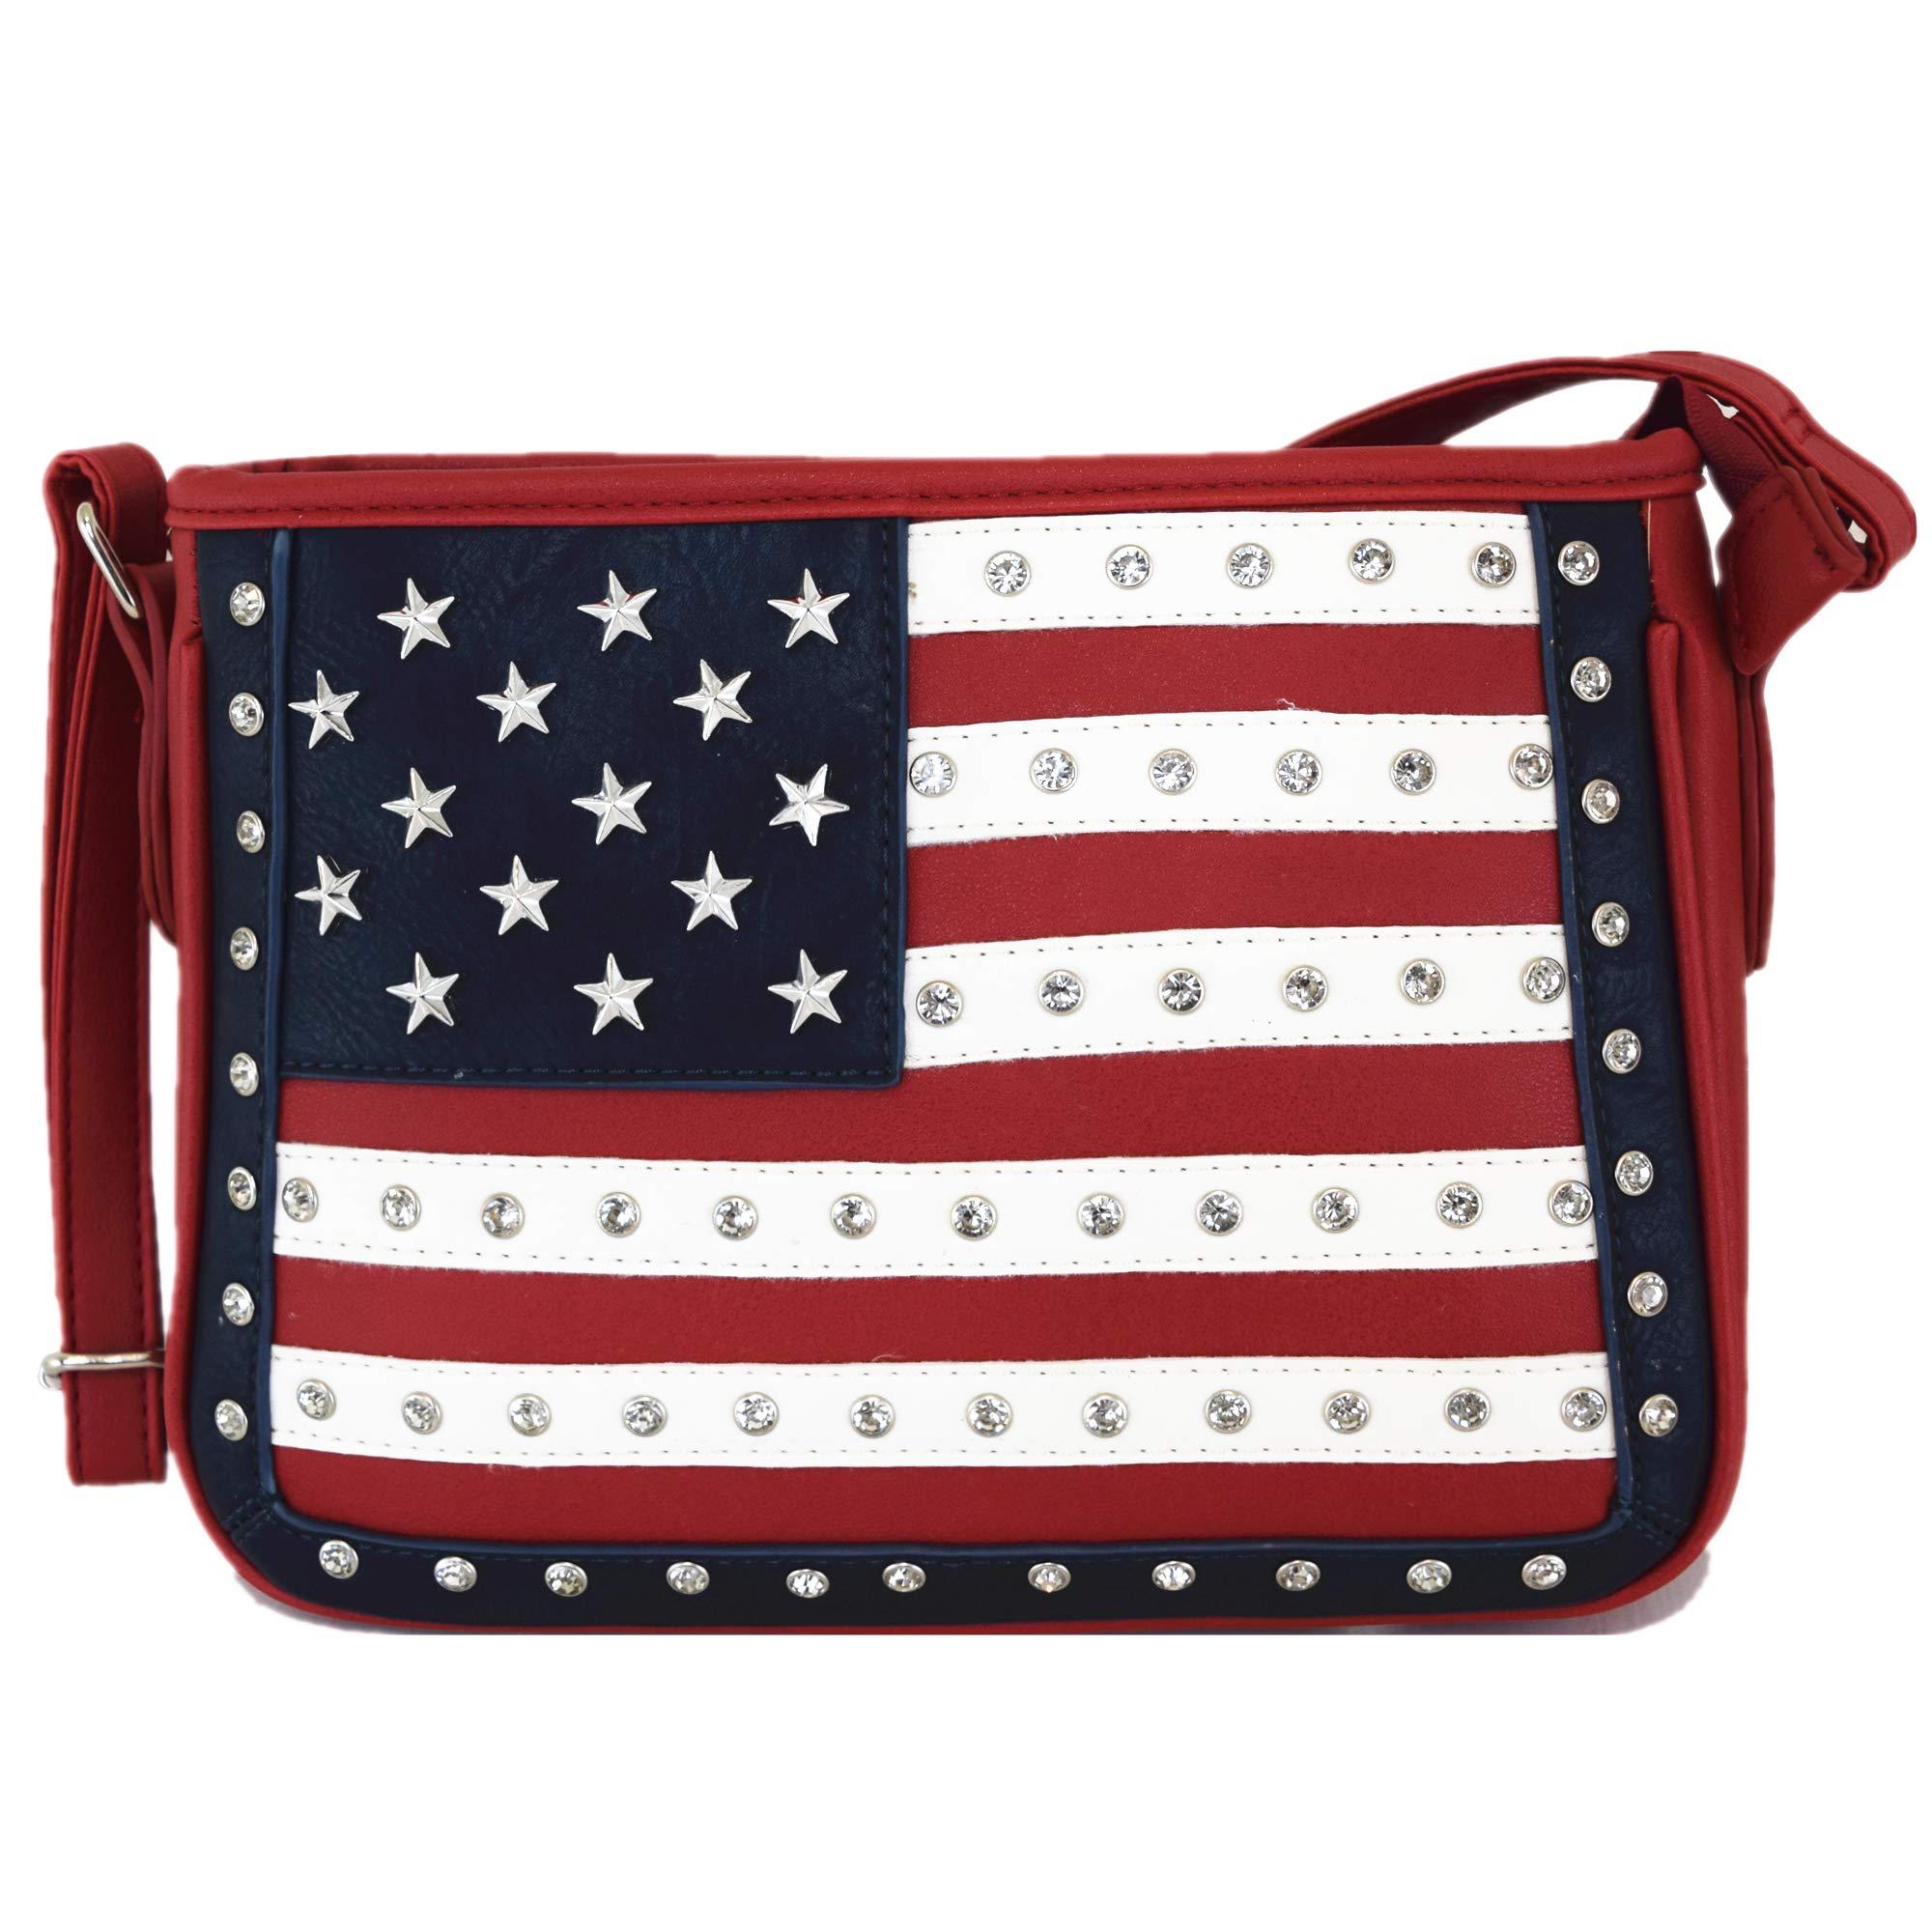 美国国旗星和条纹铆钉斜挎包隐藏携带钱包女式单肩包